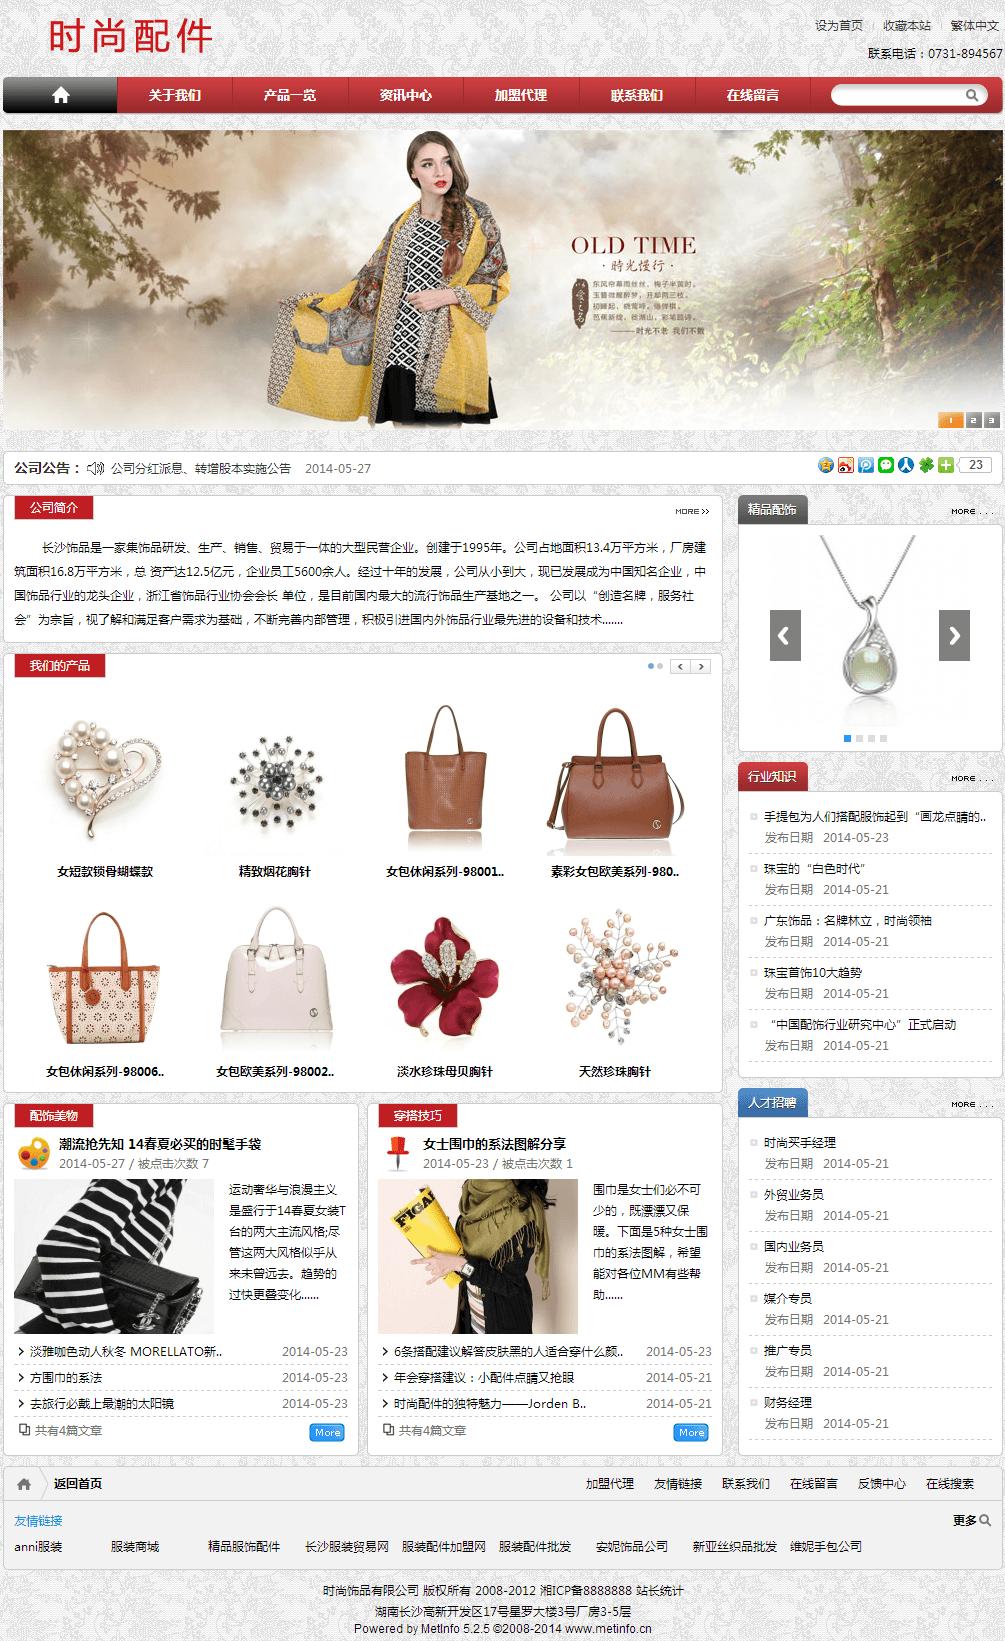 时尚饰品公司网站模板-整体效果